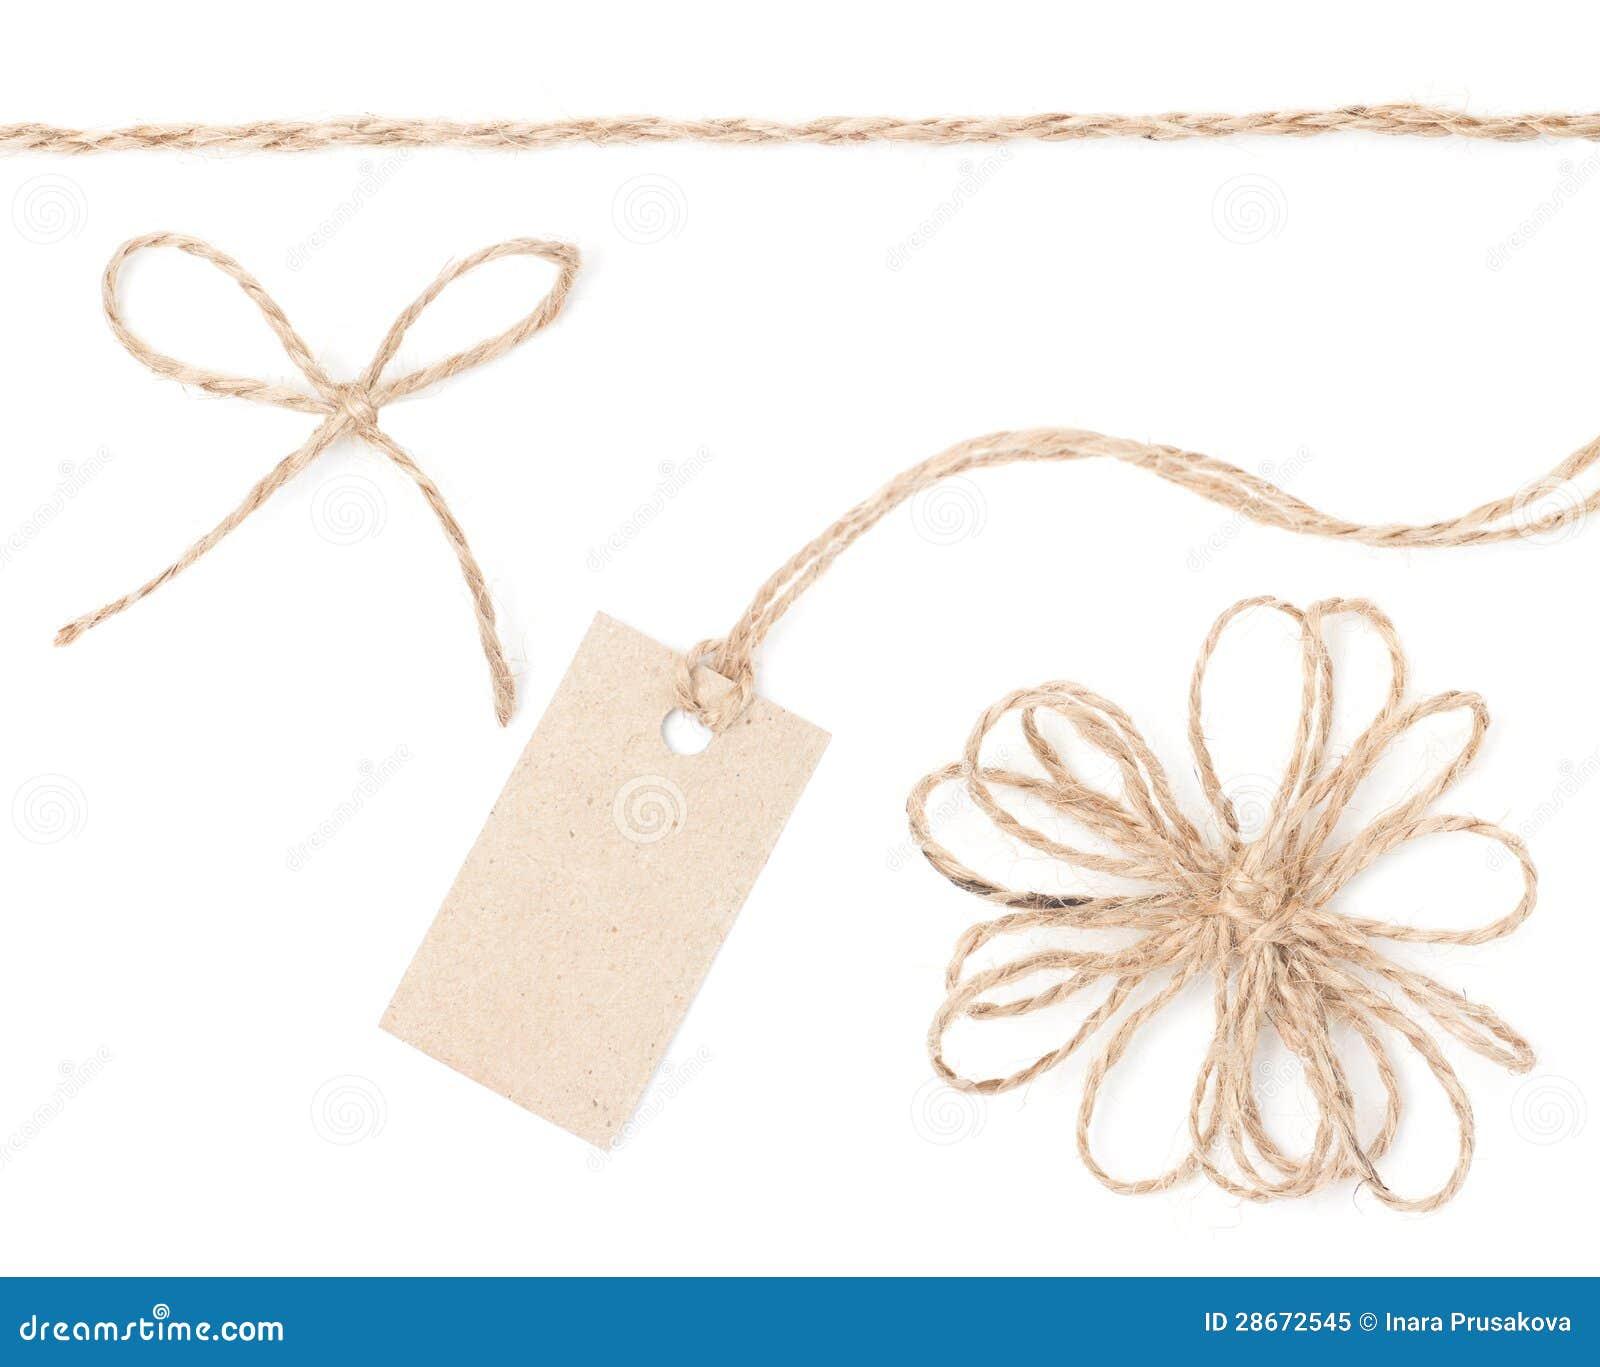 绳索弓标签。 包裹存在和定价的黄麻收集。